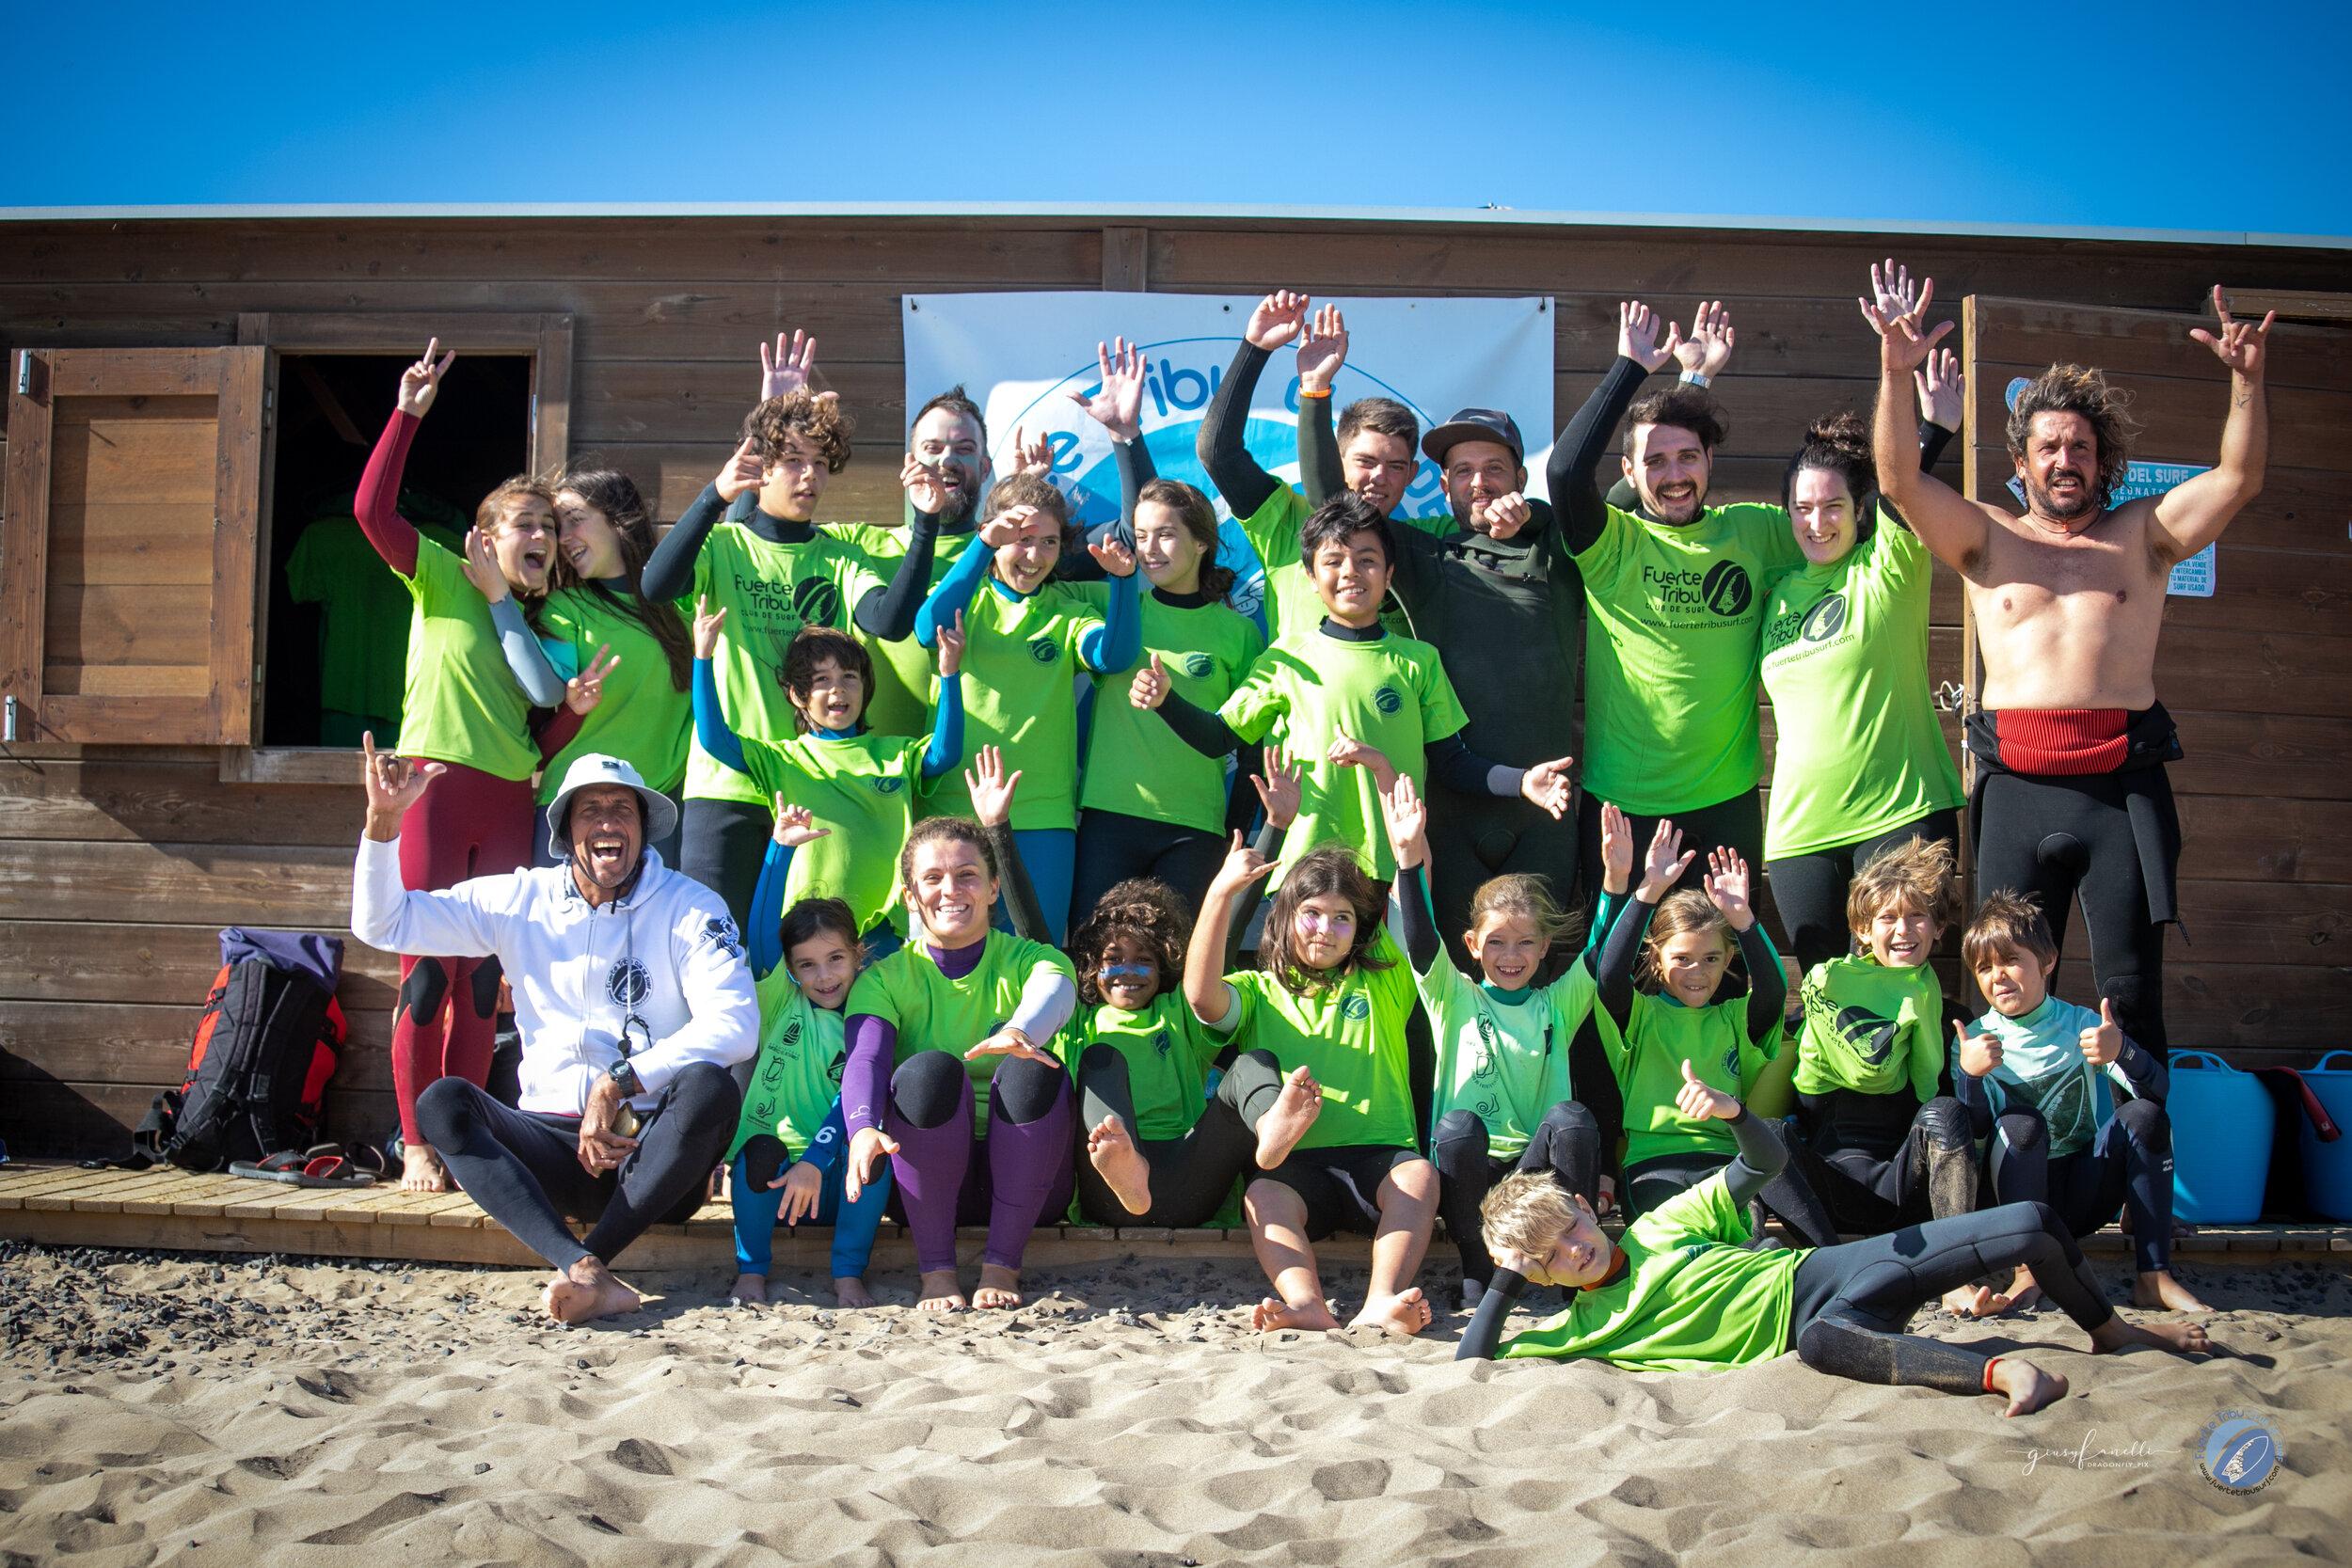 FuerteTribu_surfcamp_navidad_surfkids_surfadaptado_surfskate-5449.jpg